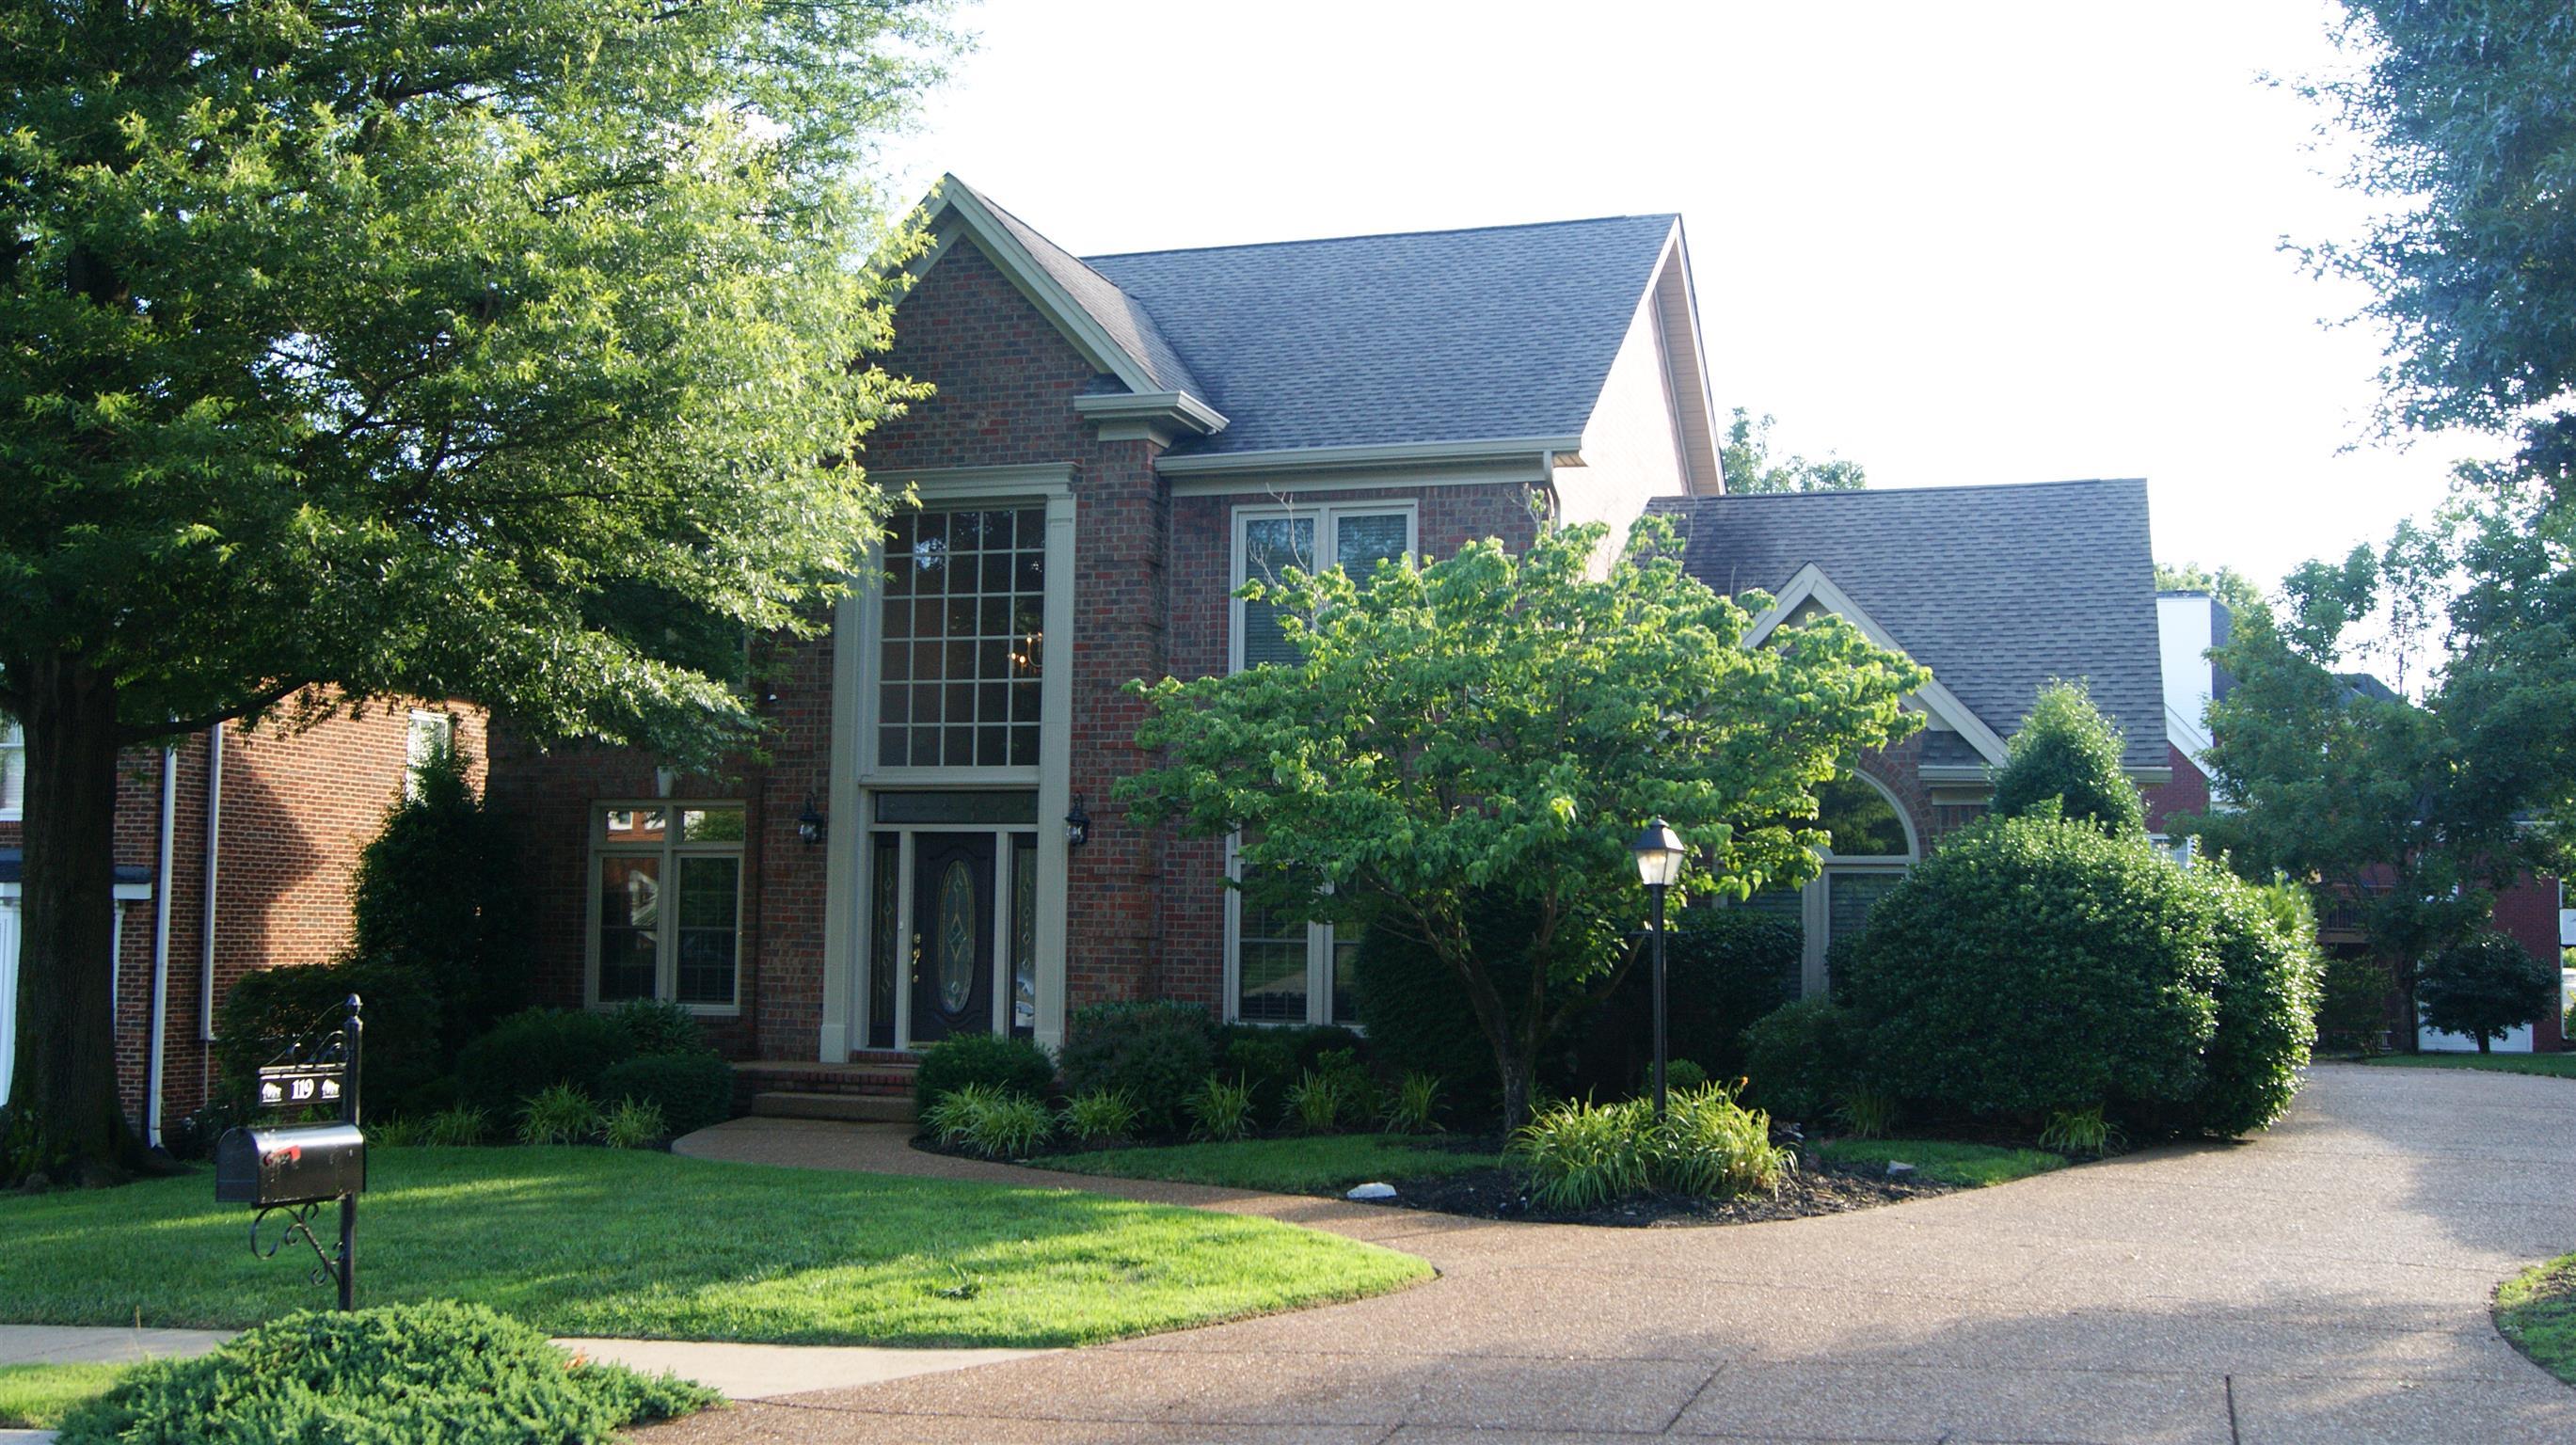 119 Doral Ln, Hendersonville, TN 37075 - Hendersonville, TN real estate listing